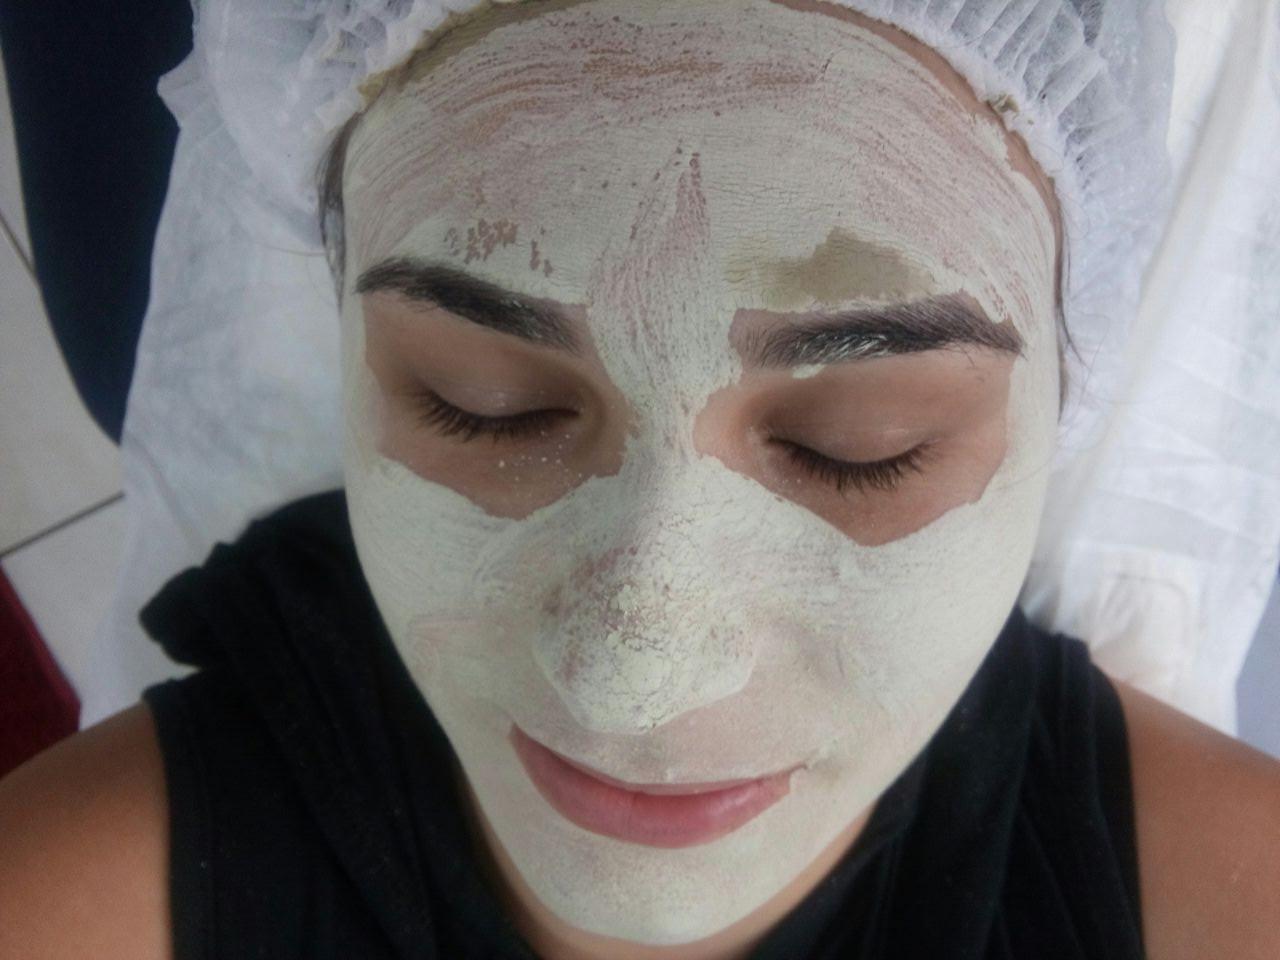 Limpeza de pele com extração! Tratamento de argiloterapia.   *Desintoxicação da pele * Esfoliação * Diminuição de oleosidade * Hidratação profunda esteticista